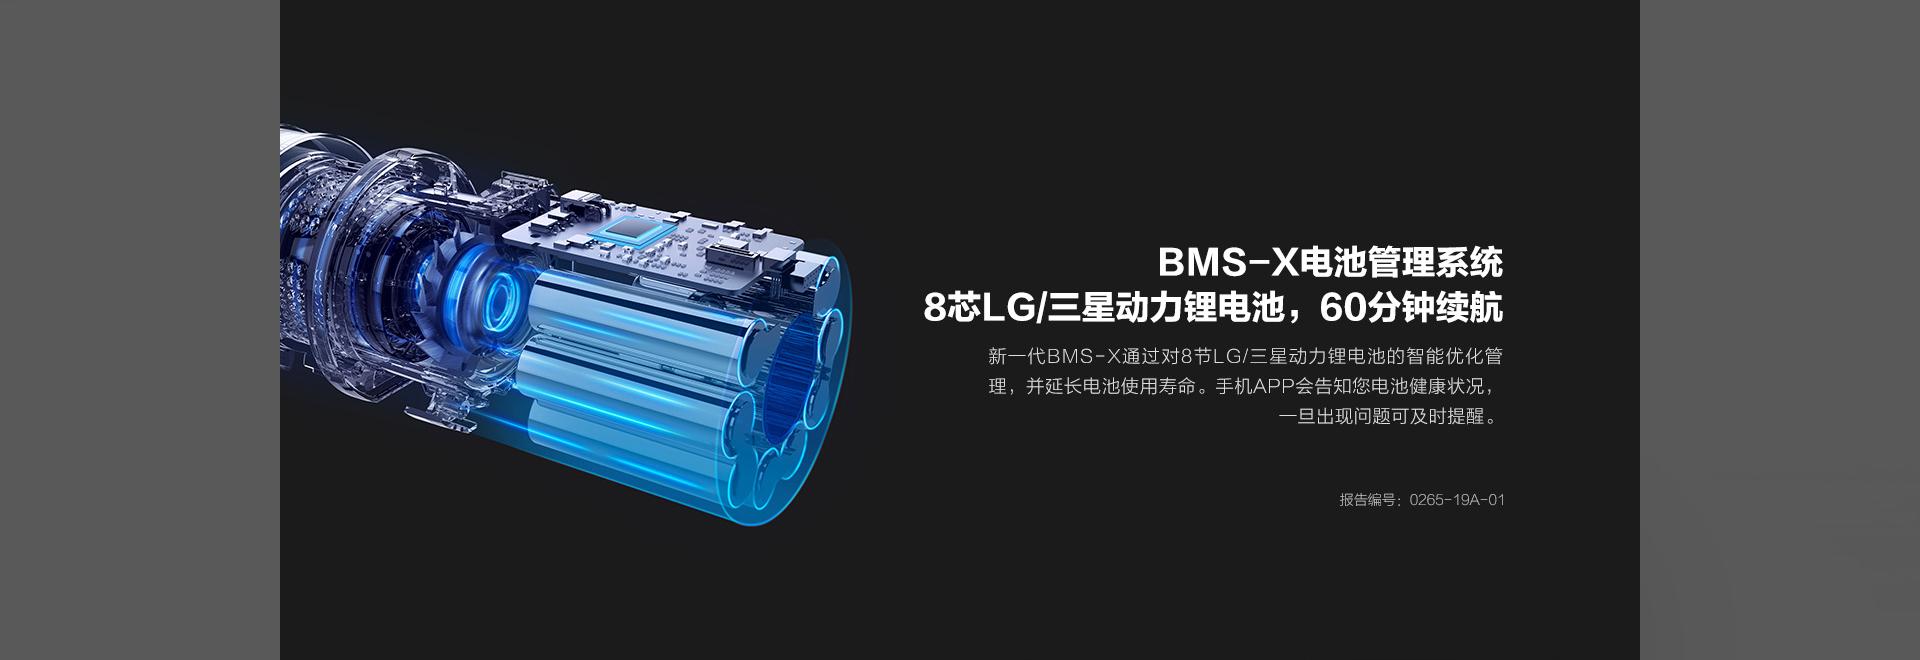 睿米手持无线吸尘器采用的是8节2500mAh进口LG/三星动力锂电芯,配合智能管理系统,可以60分钟续航